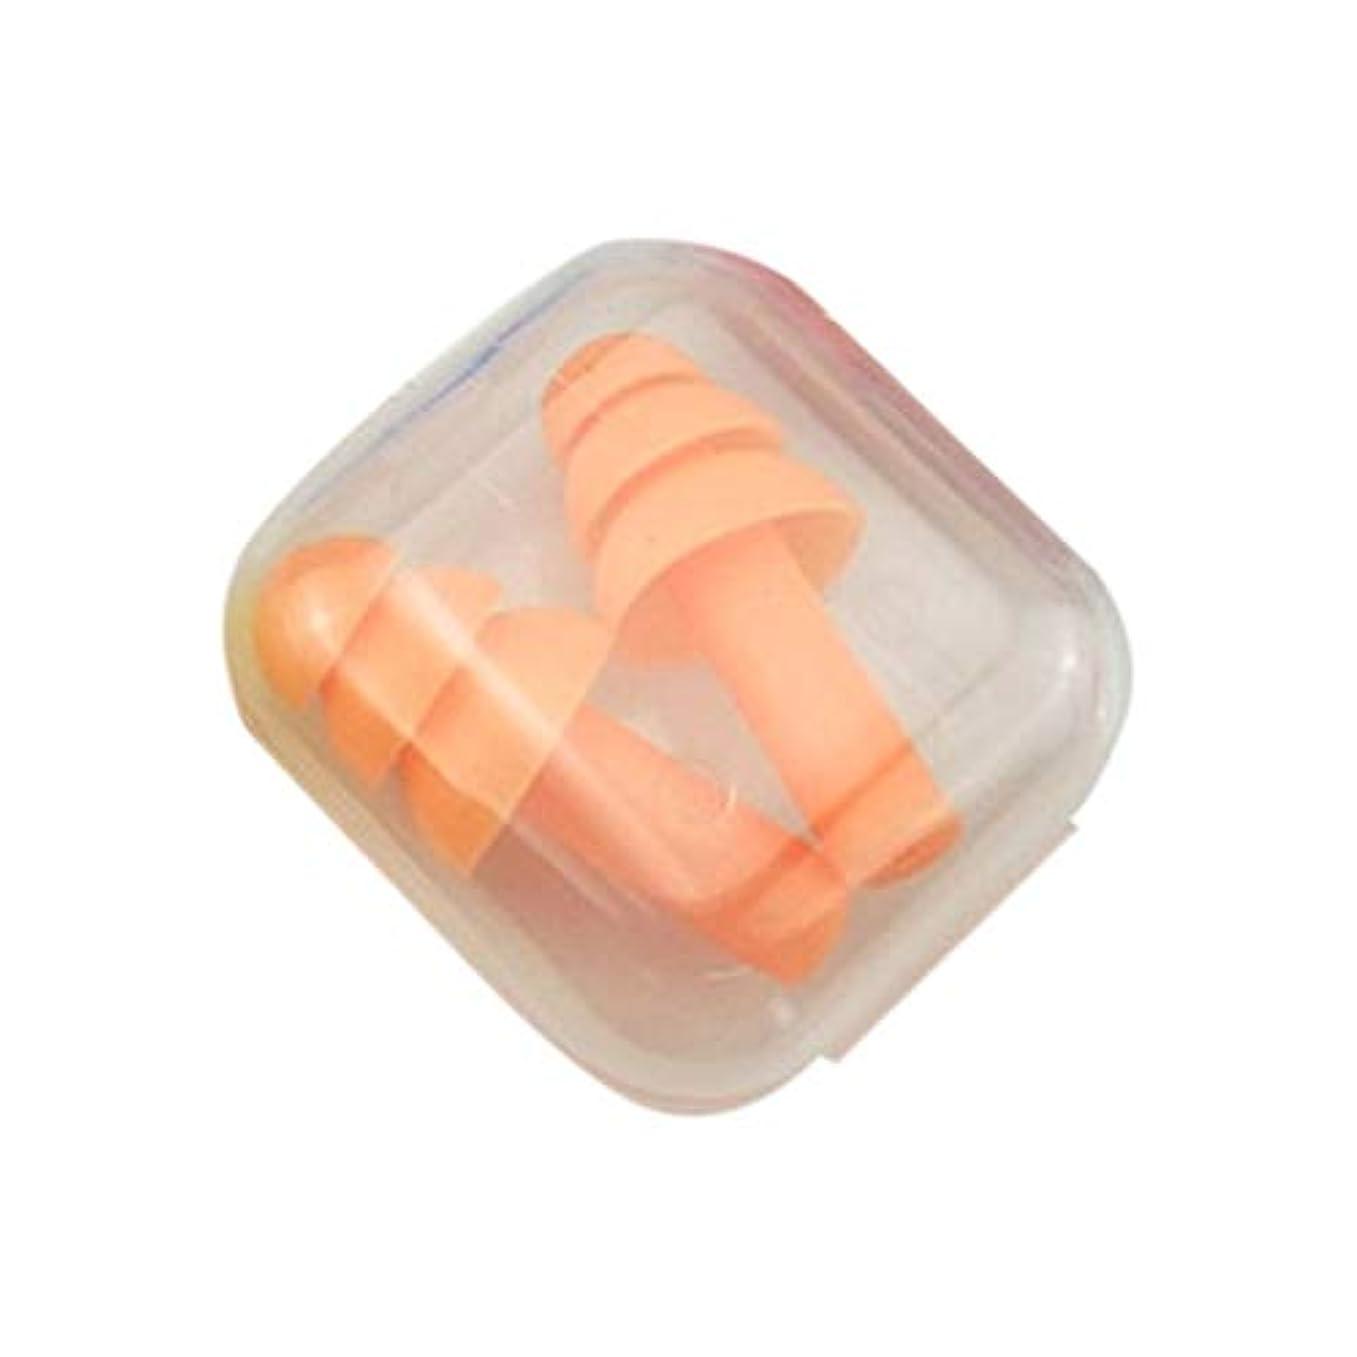 迫害取り替える小さい柔らかいシリコーンの耳栓遮音用耳の保護用の耳栓防音睡眠ボックス付き収納ボックス - オレンジ